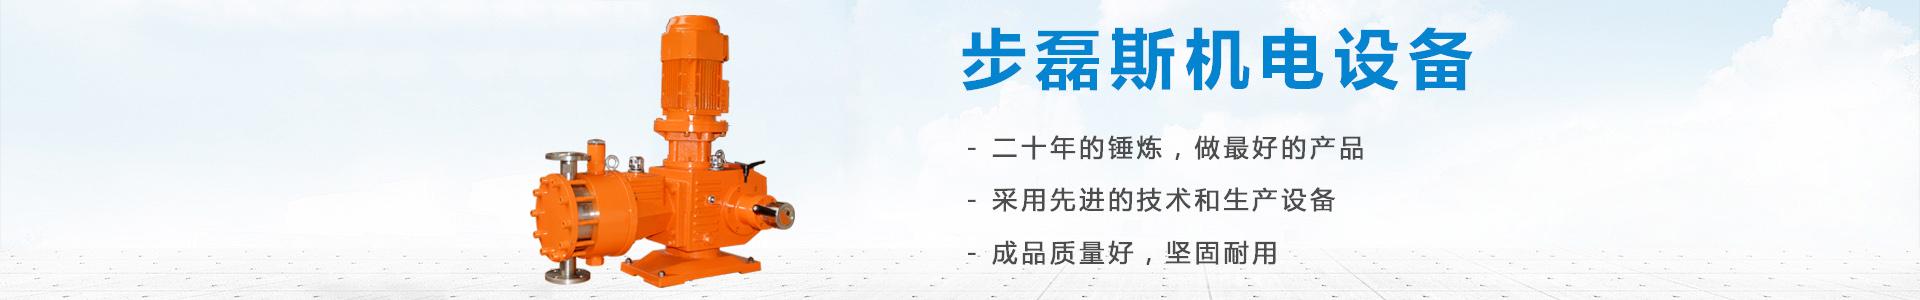 液压隔膜计量泵生产厂家